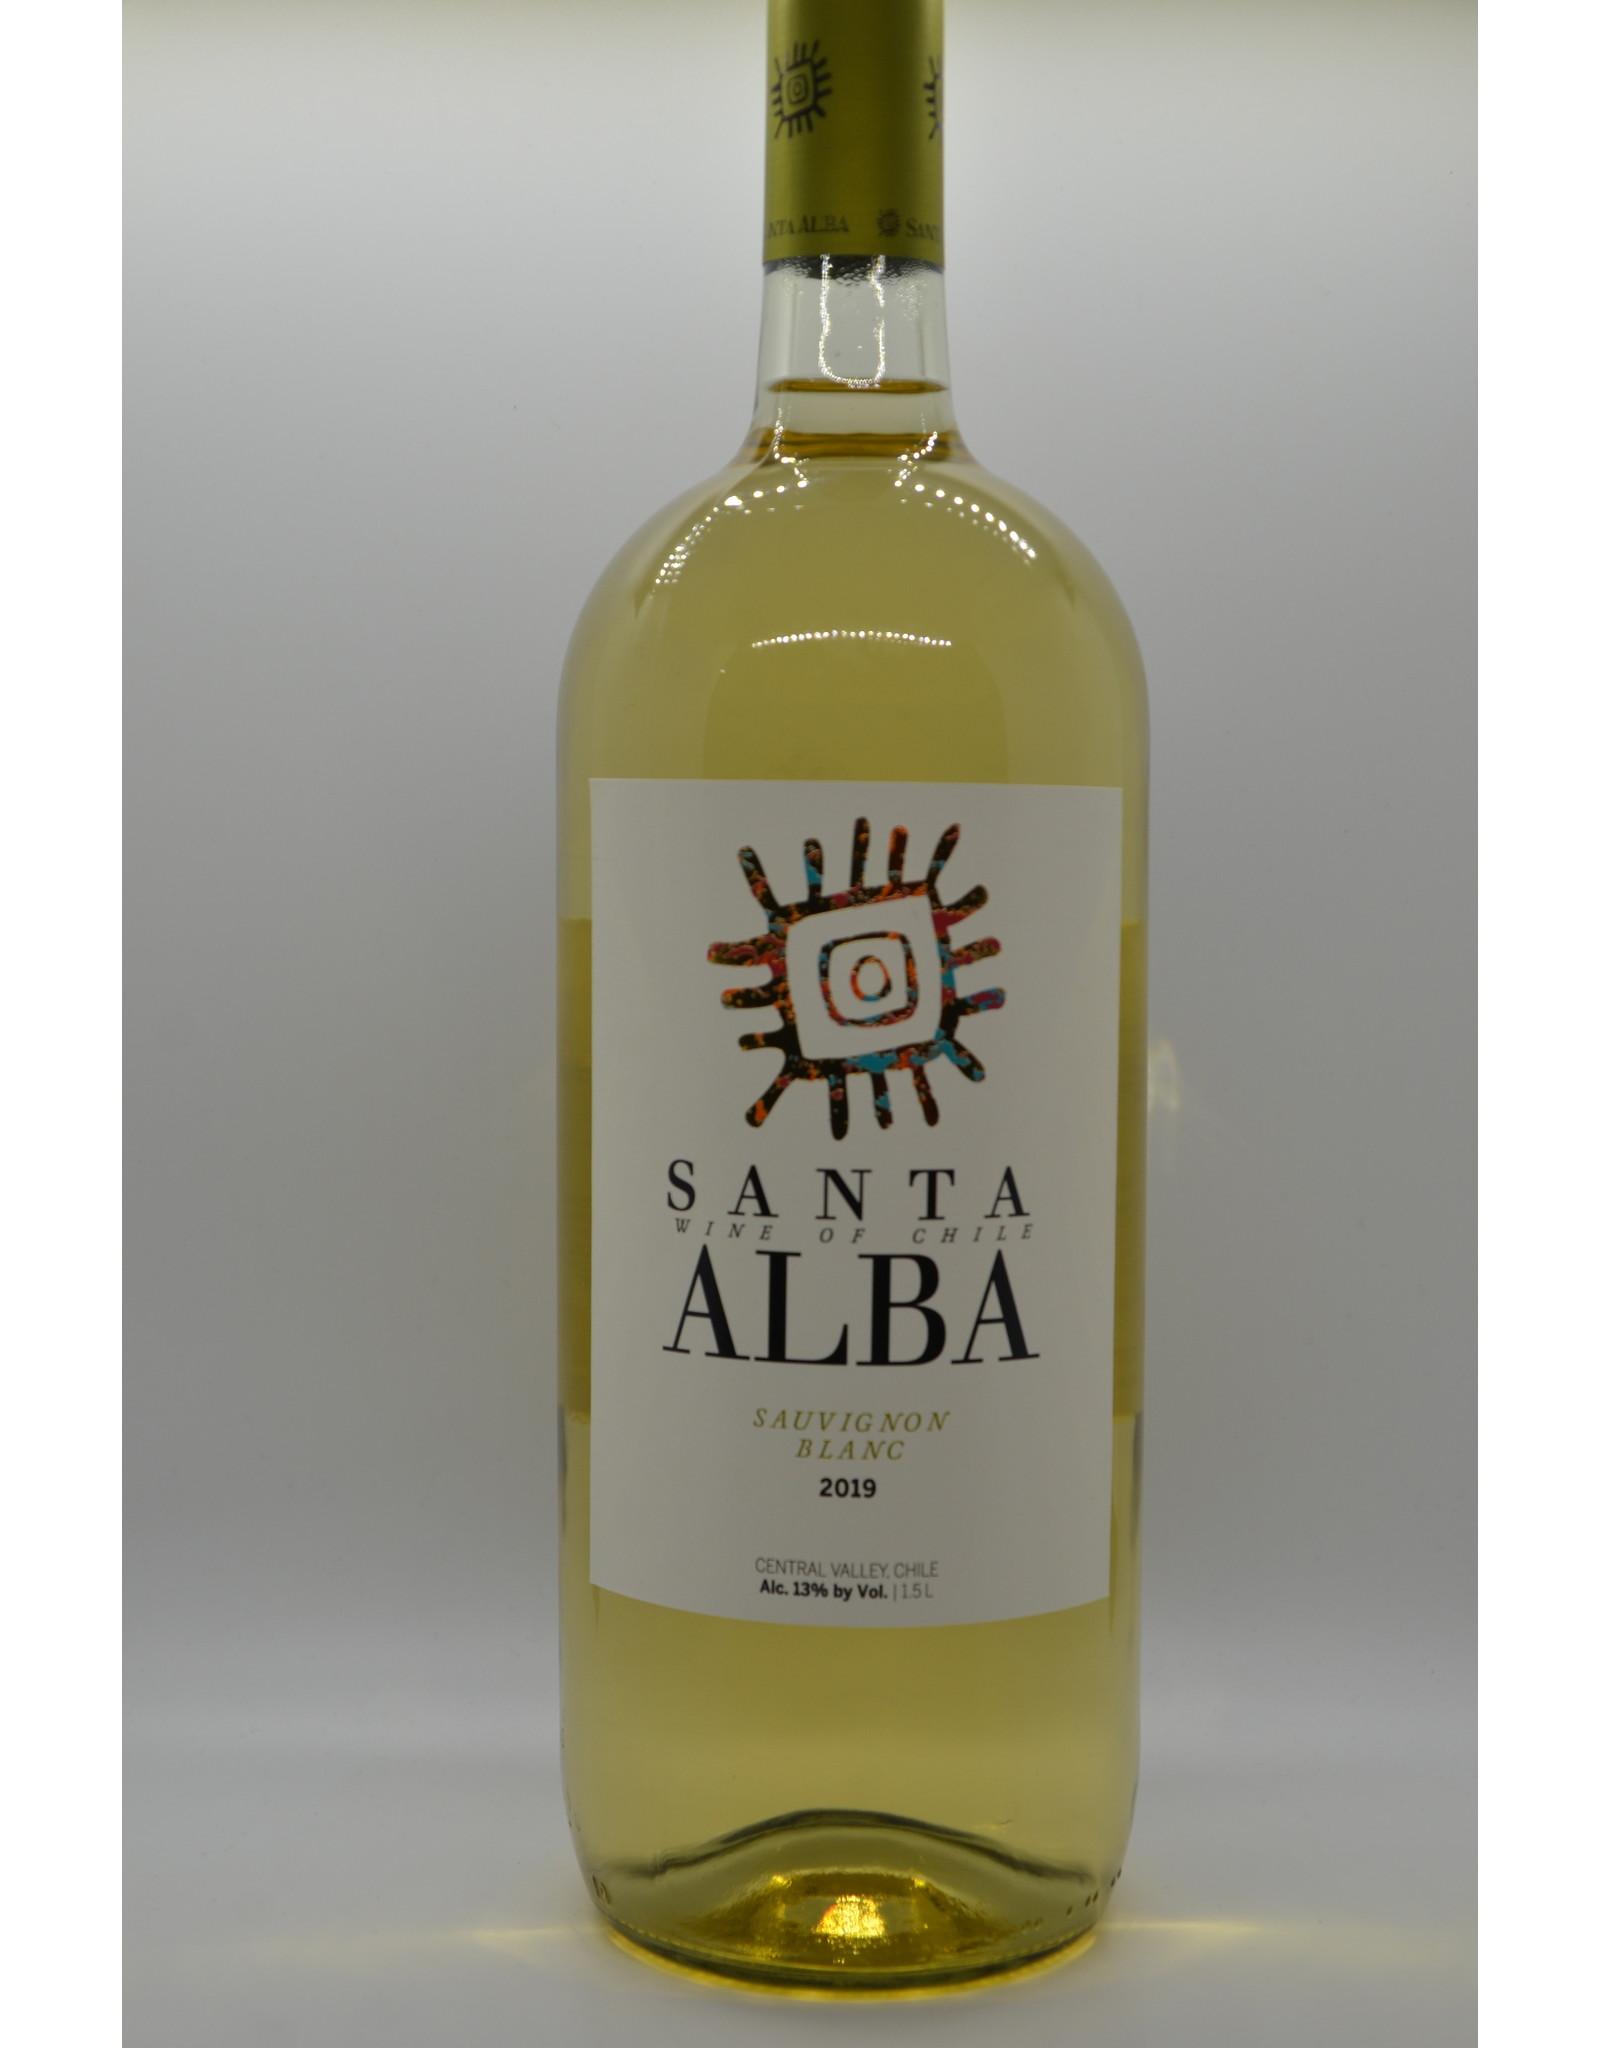 Chile Santa Alba Sauvignon Blanc MAG 1.5L